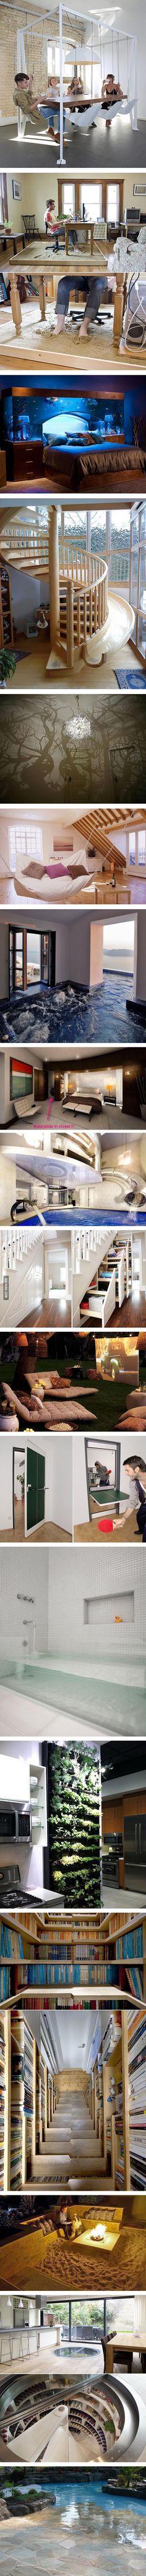 Des bonnes idées pour la maison